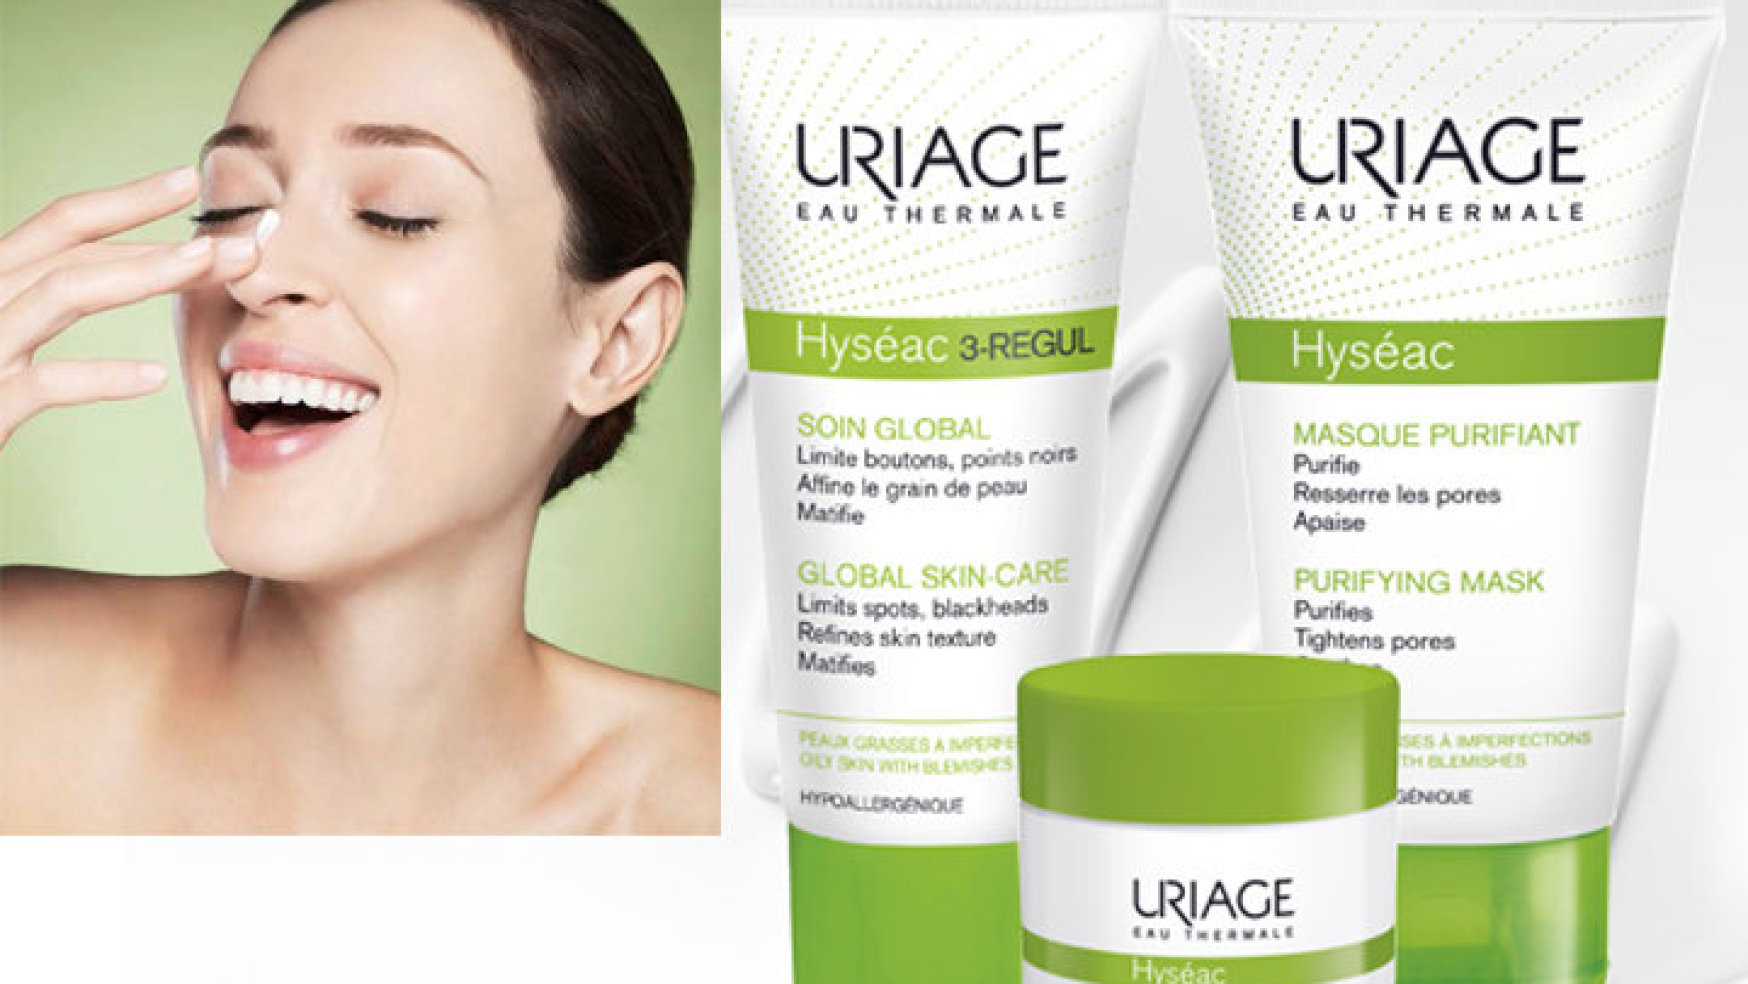 Uriage – Hyséac 3-regul